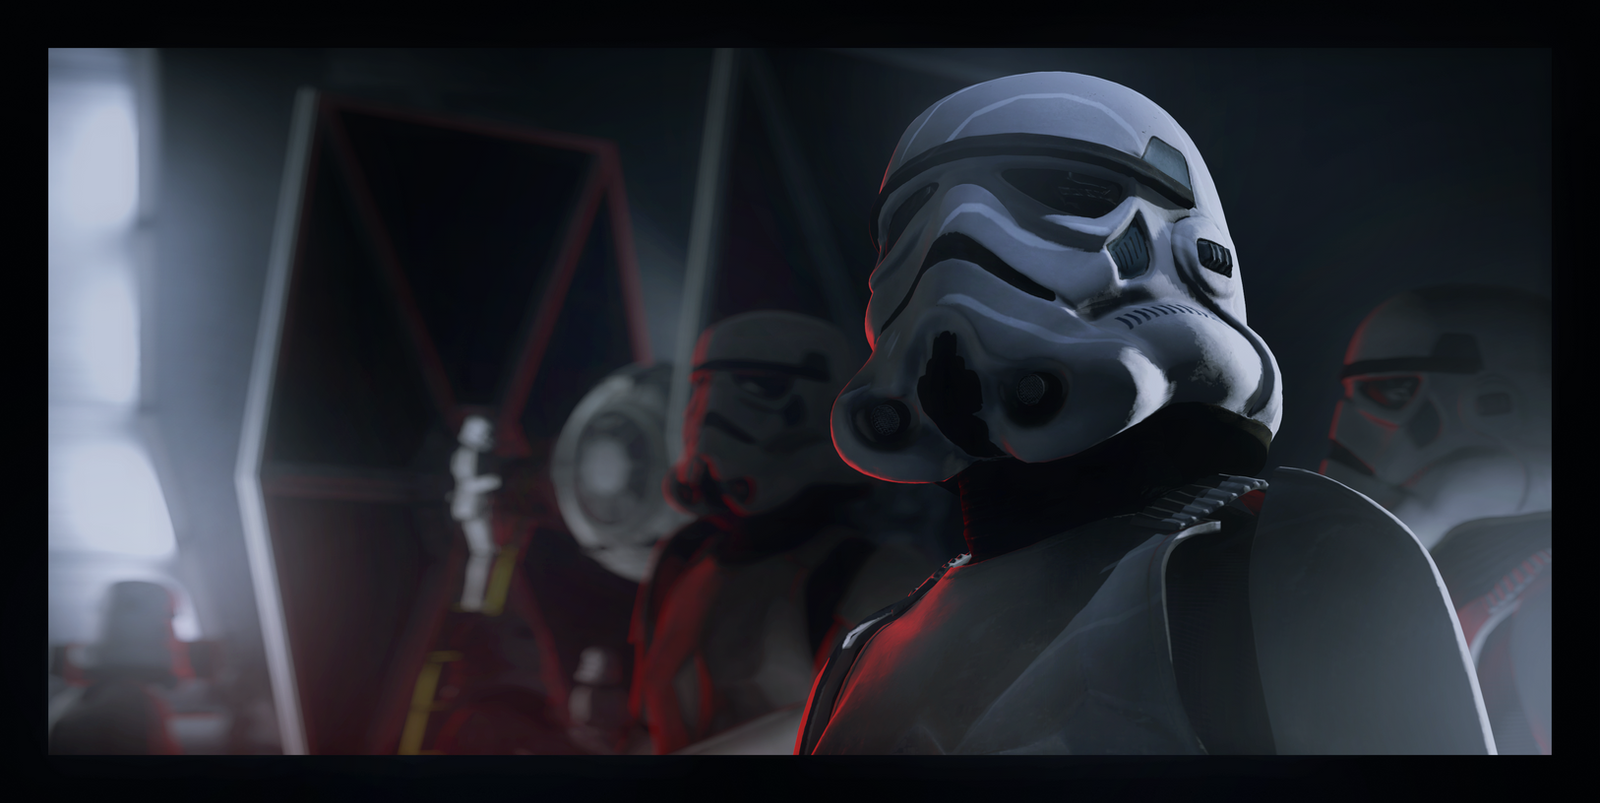 Stormtrooper [Star Wars] by Breadblack on DeviantArt